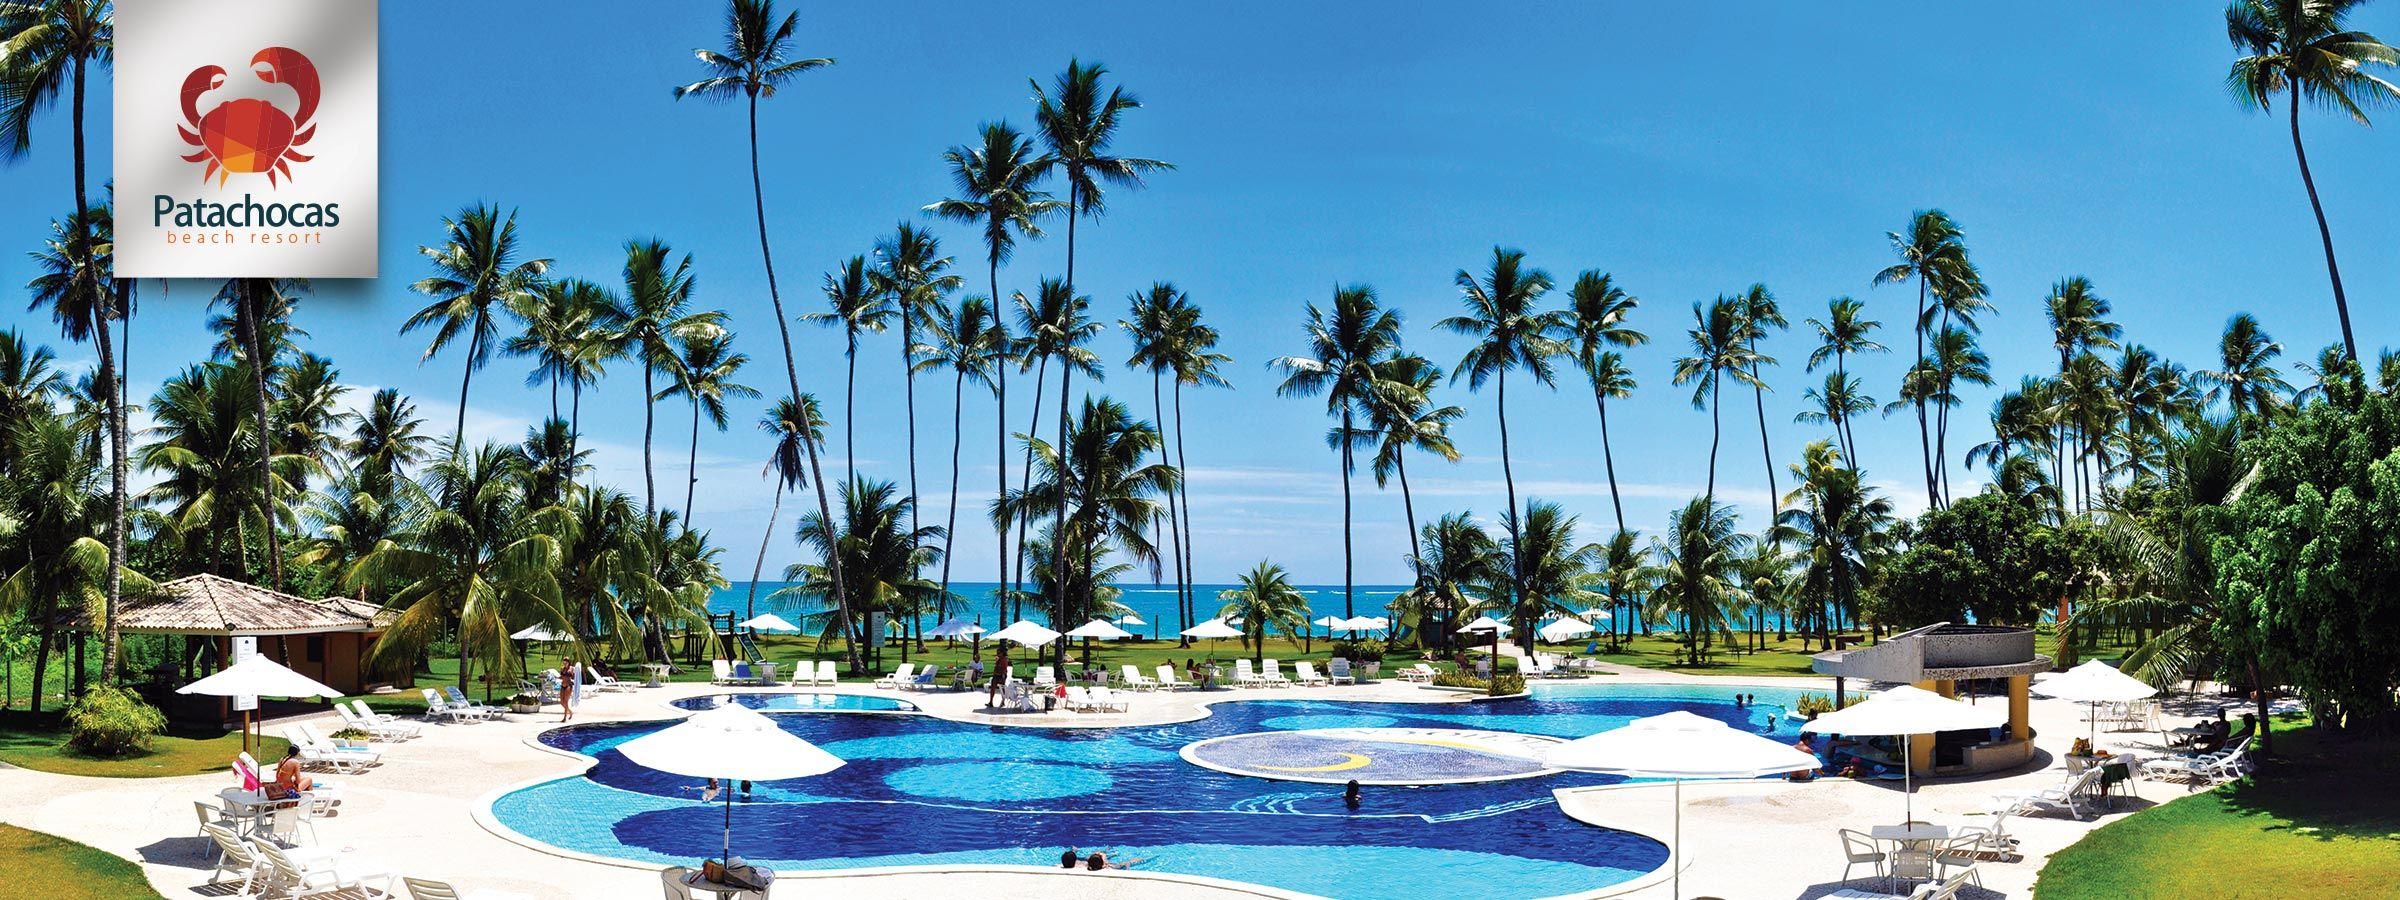 Patachocas Beach Resort Morro De São Paulo Bahia